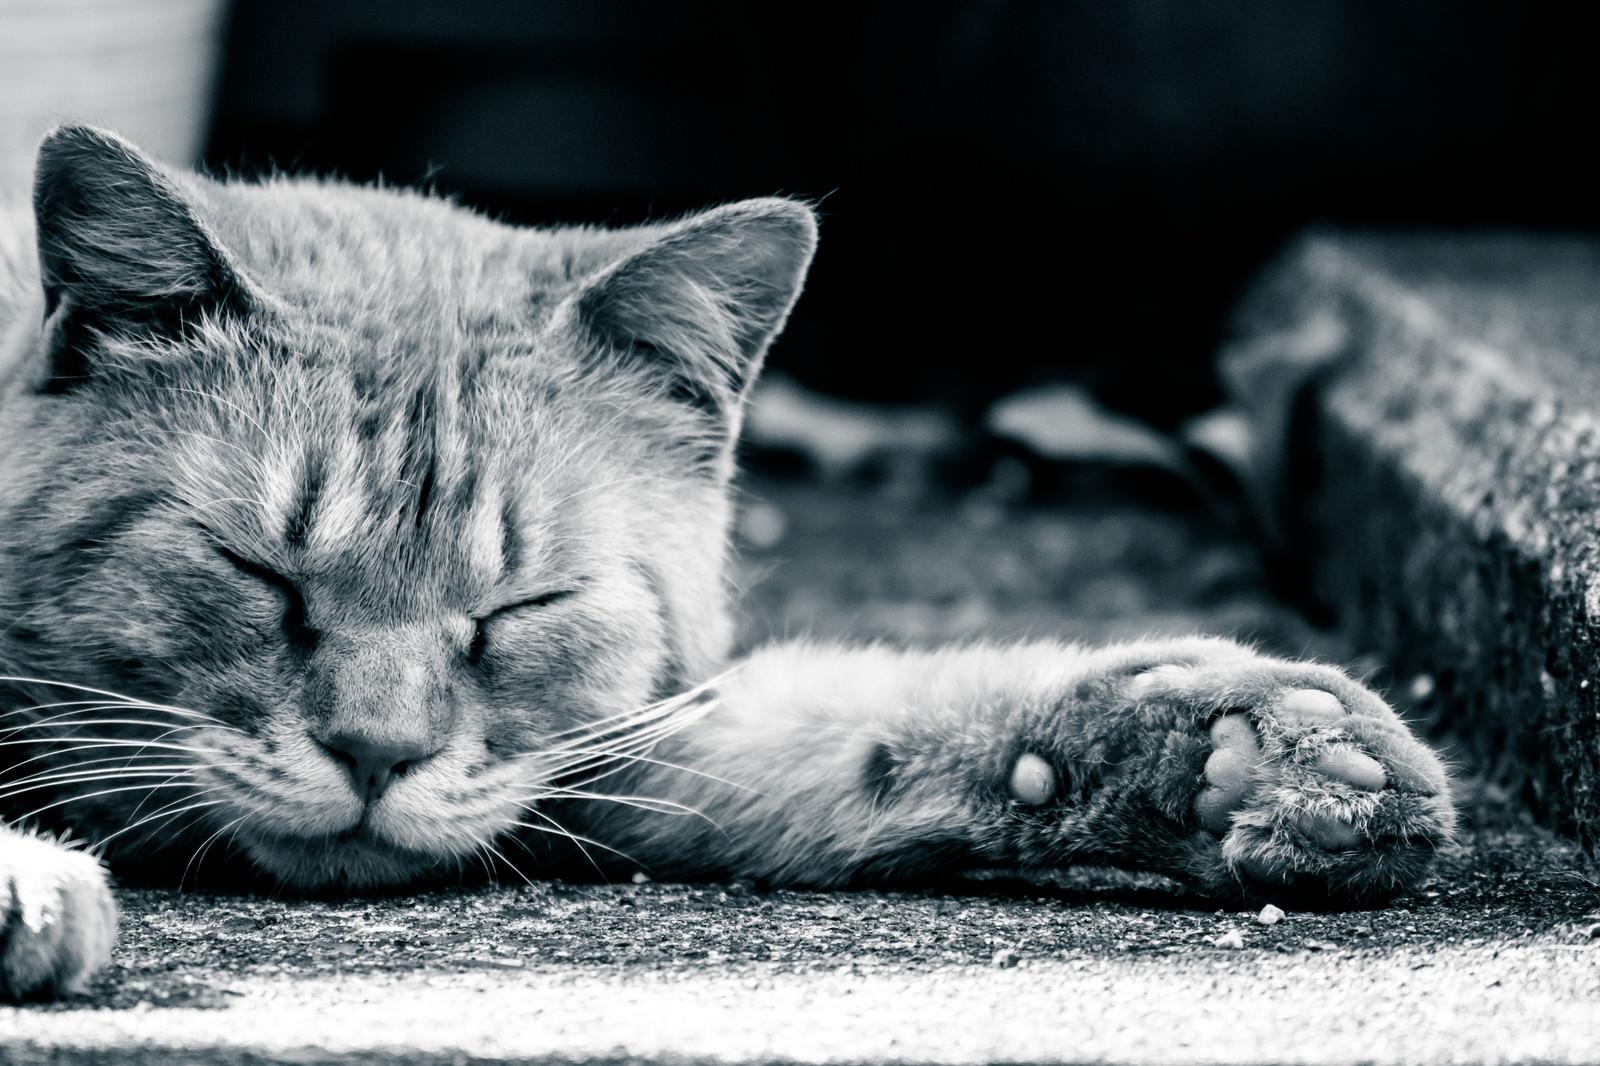 「眠るネッコと肉球」の写真